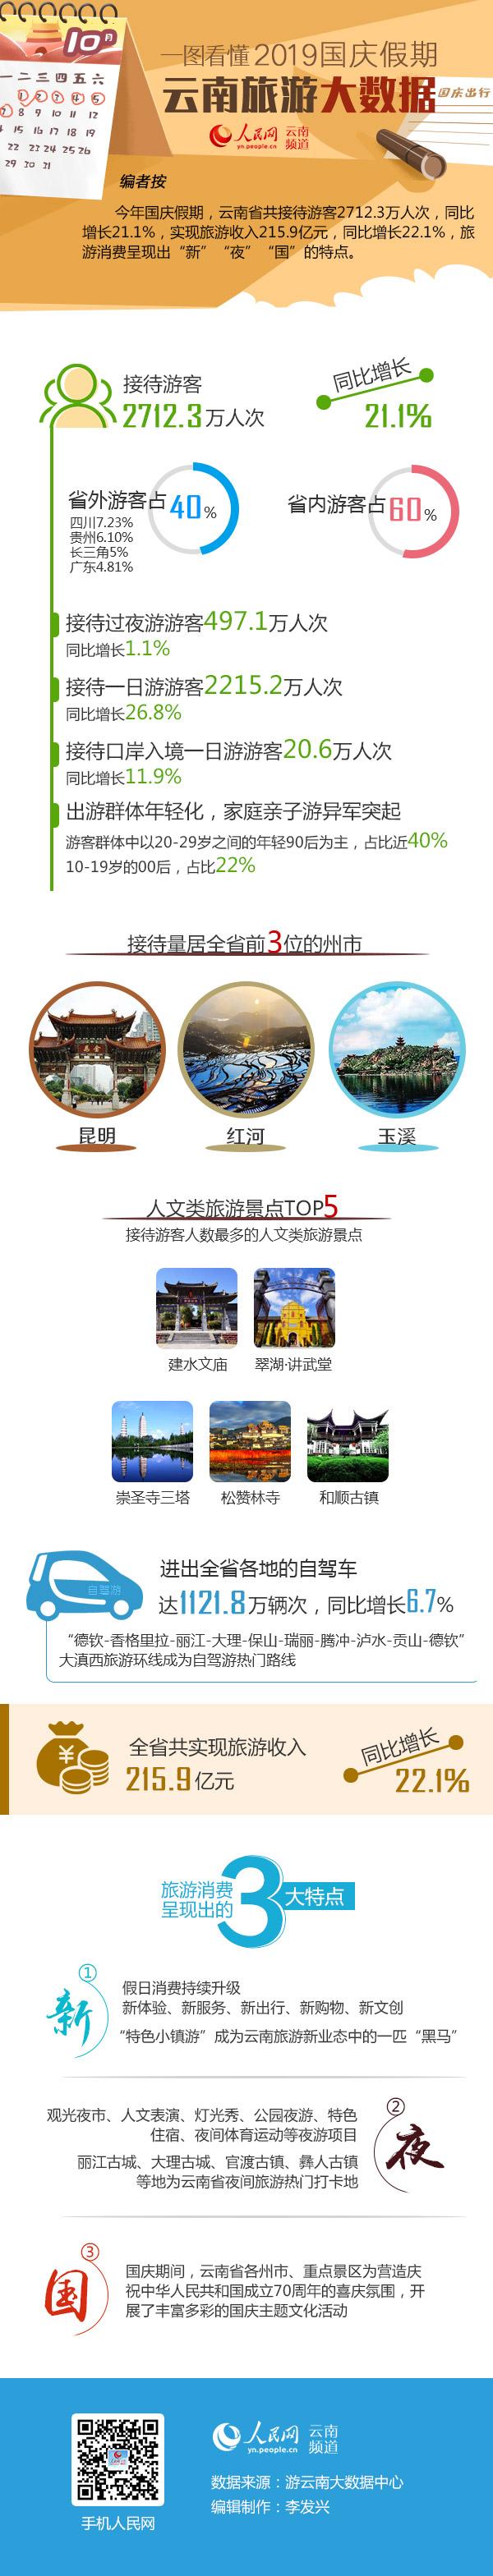 一图看懂2019国庆假期云南旅游大数据